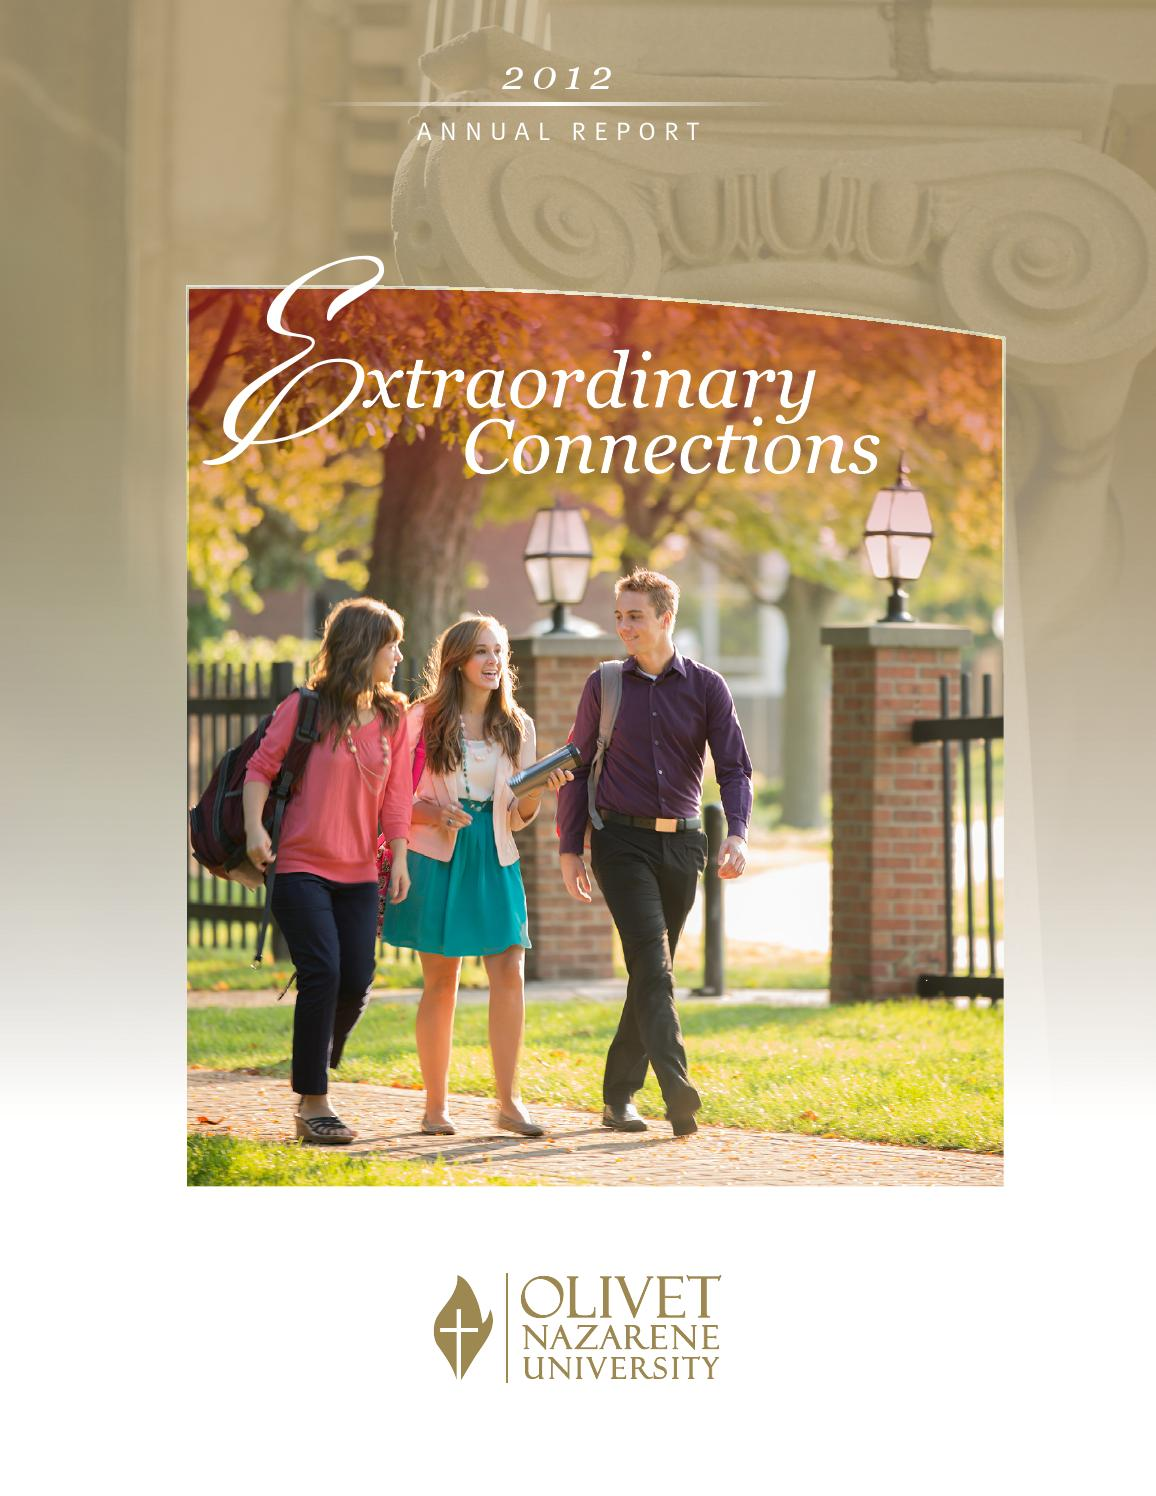 Olivet Nazarene University's Annual Report 2012 by Olivet